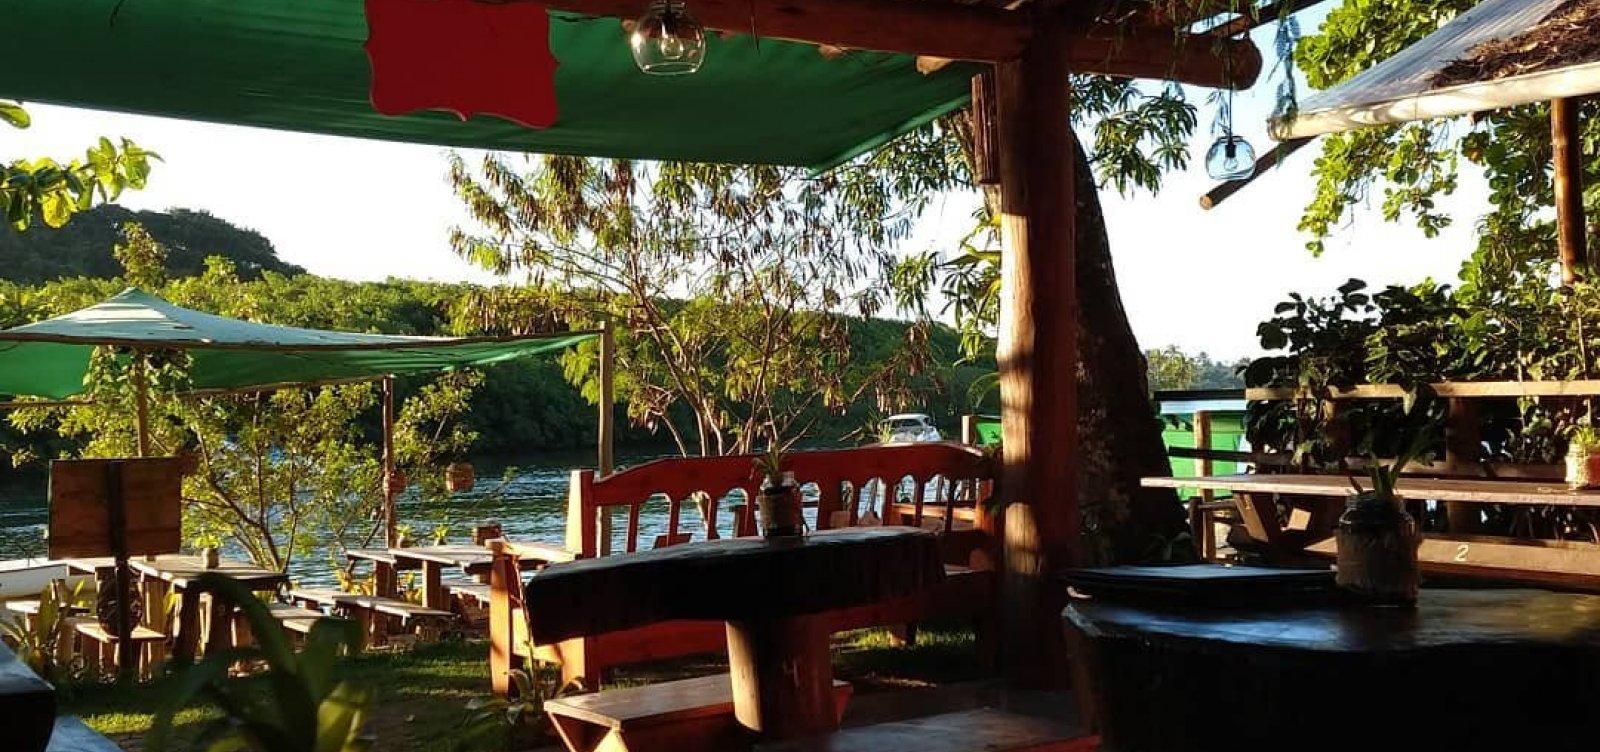 Restaurante Manga Rosa: para almoço, drinques e petiscos com vista para o rio, em Caraíva